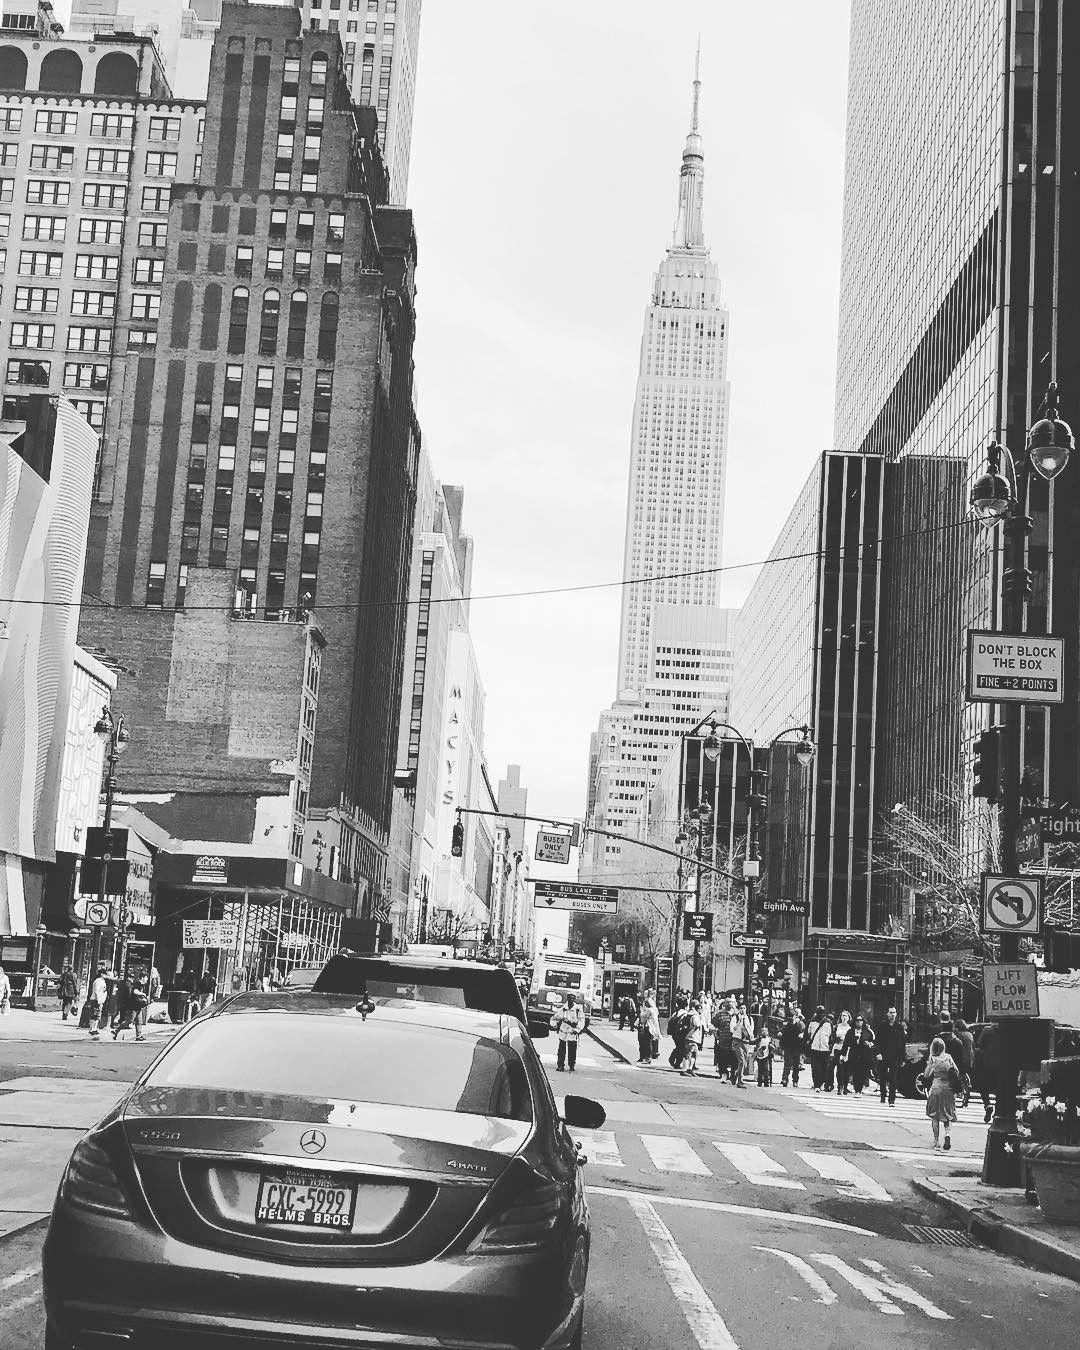 Mercedes benz 280sl car vehicl wrap mercedes benz merced pagoda - Gorden Wagener Gorden Wagener Auf Instagram Mercedes Benz S Class With The Empire State Builing Newyork Empirestatebuilding Mercedes Pinterest